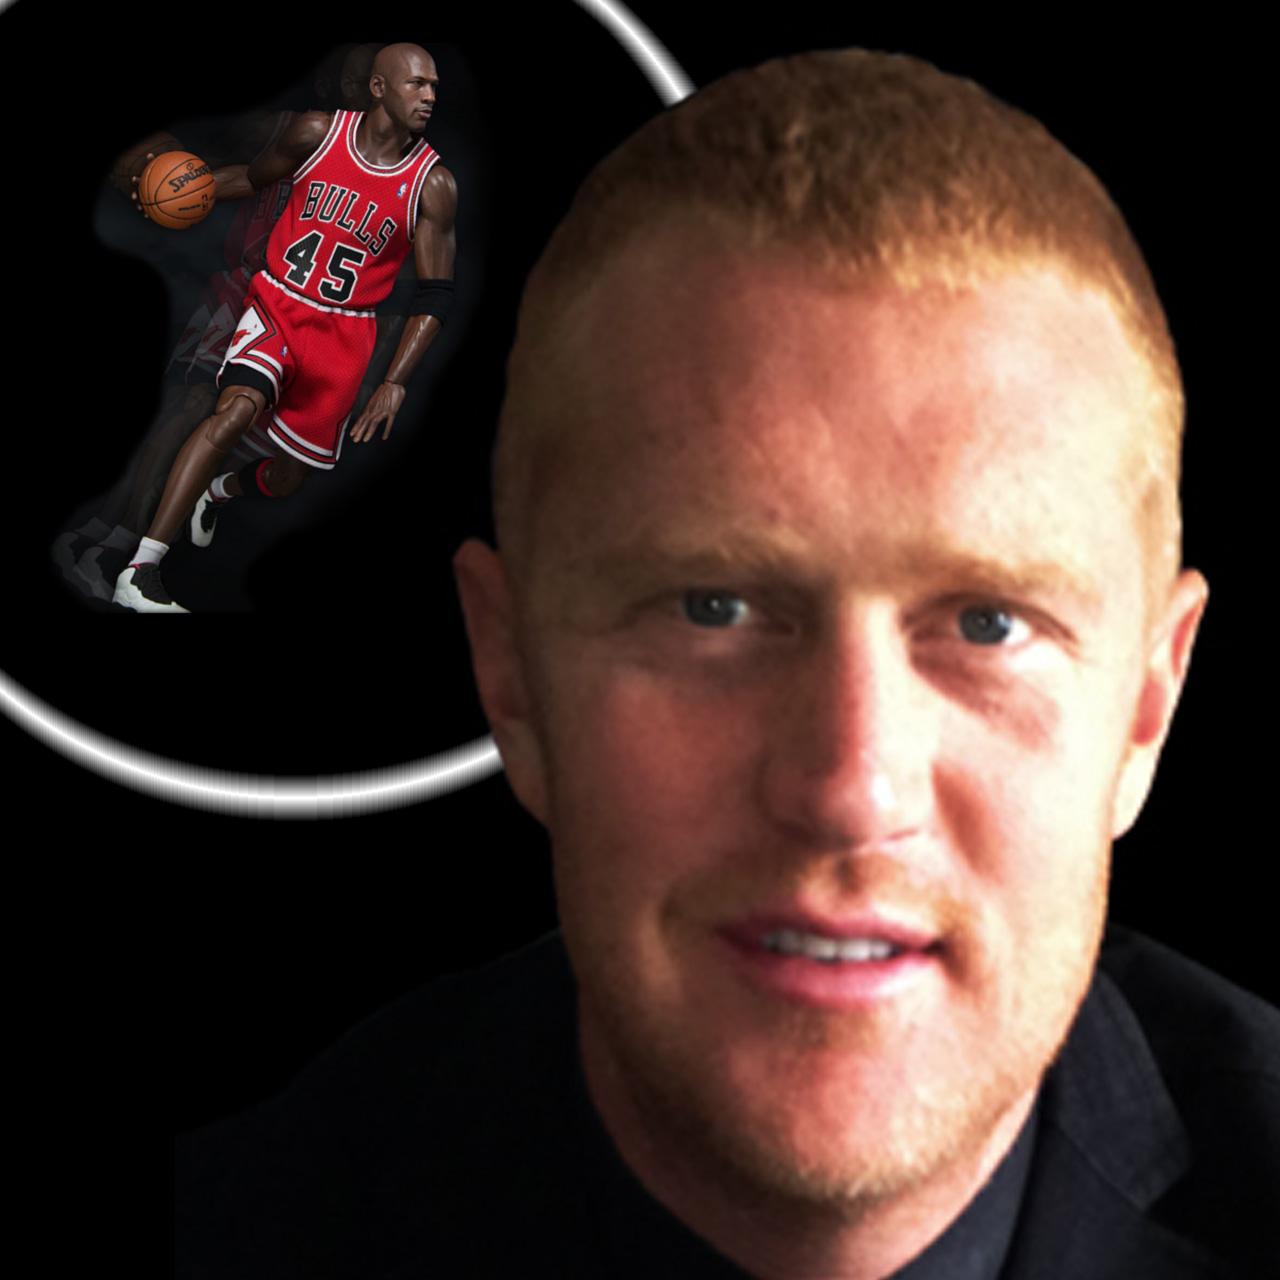 NBA G.O.A.T – Michael Jordan or Brian Scalabrine?